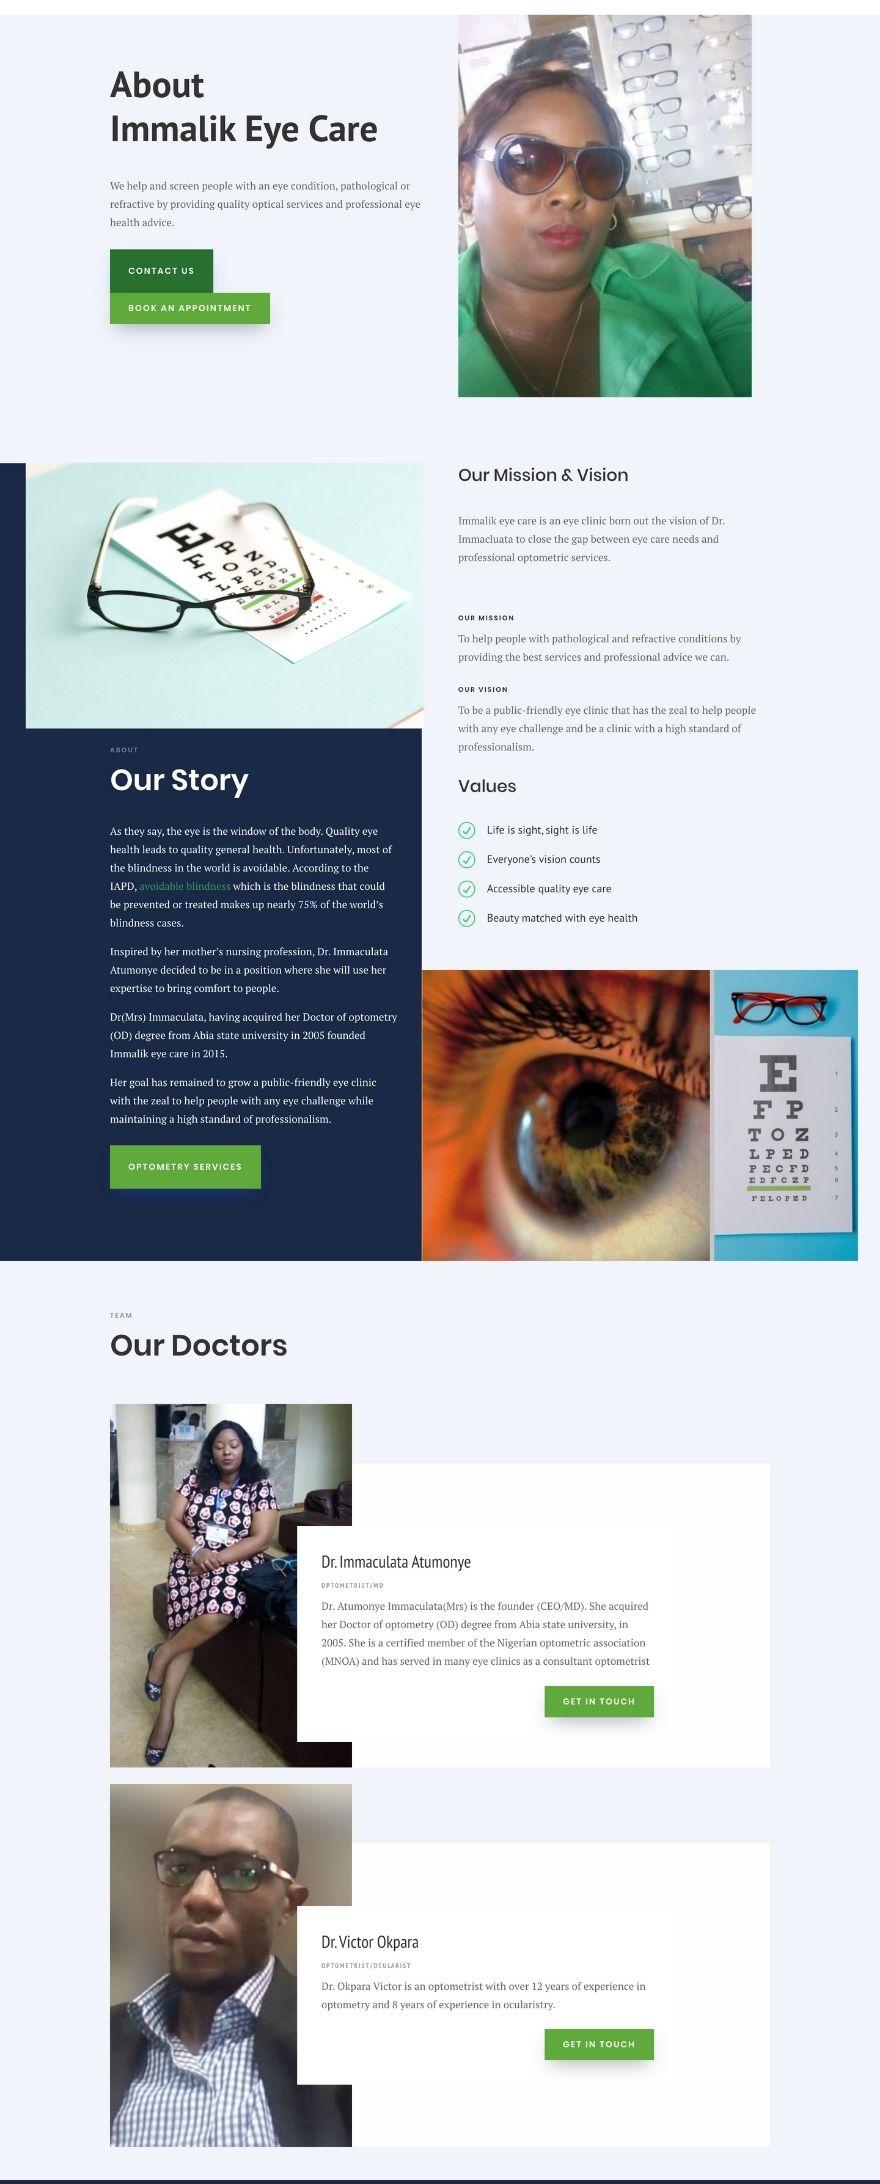 immalik-eyecare-about-page